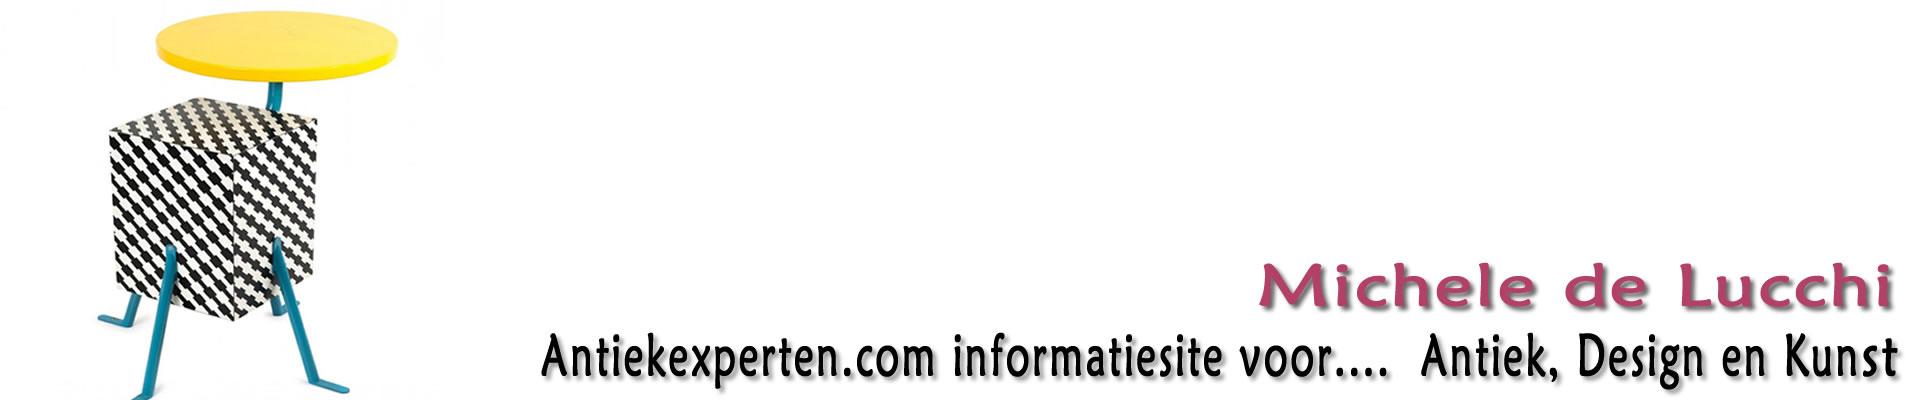 Antiekexperten.com